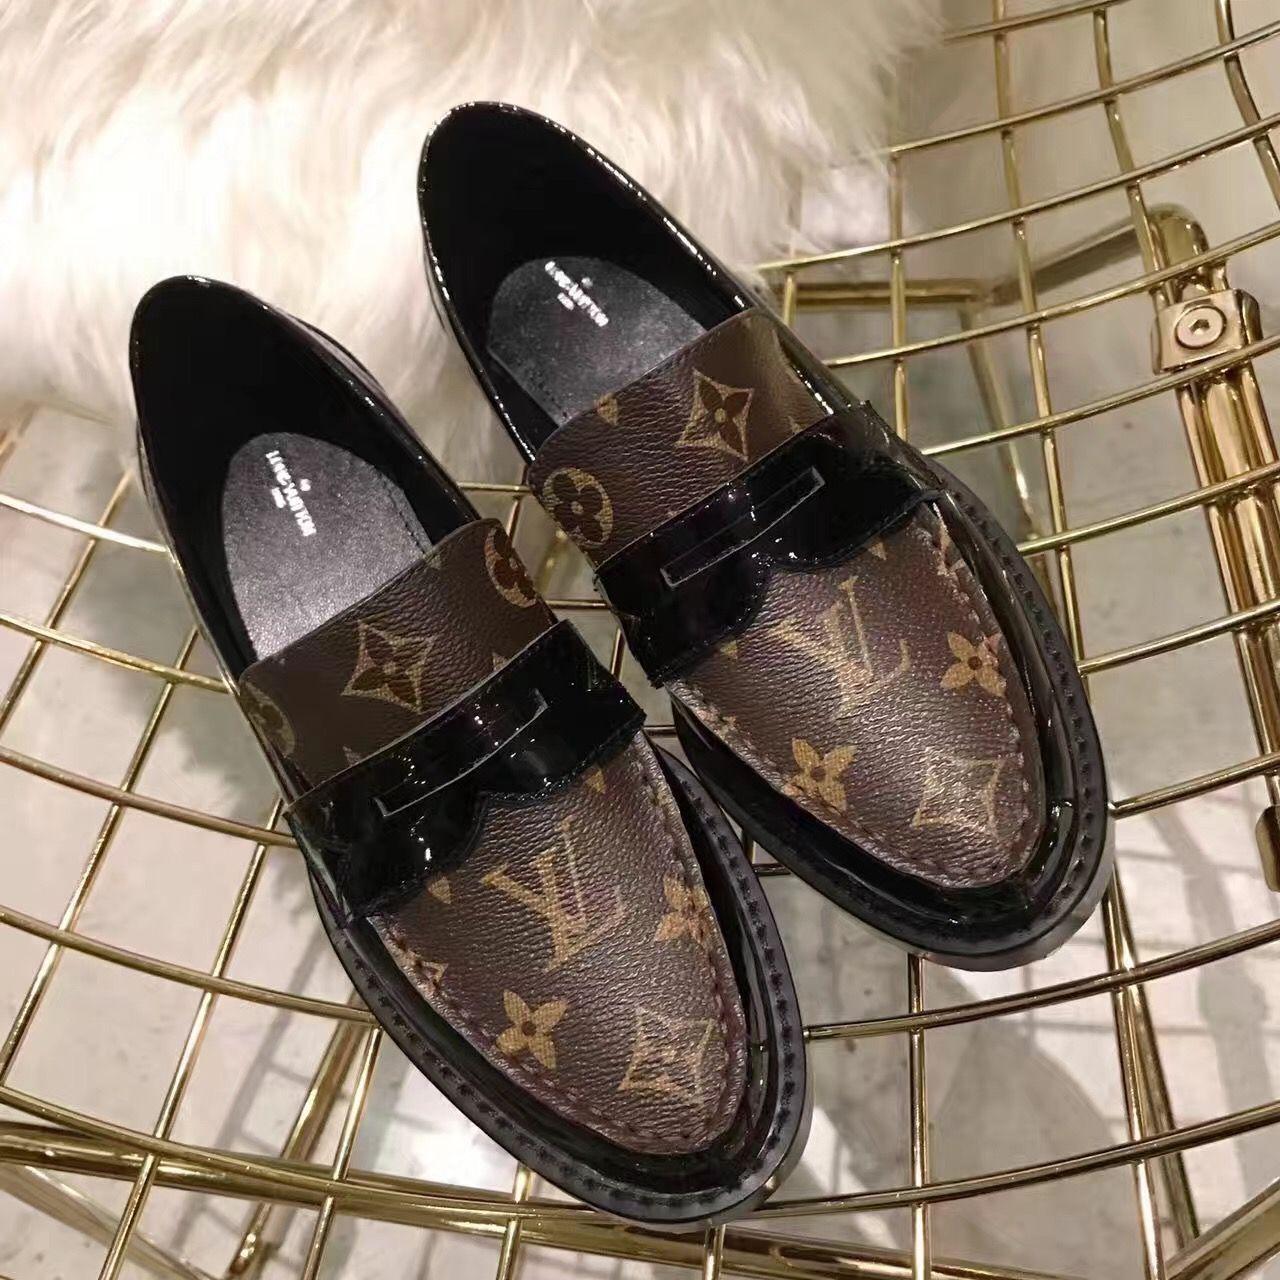 ff37cebc3c58 Louis Vuitton Lv woman shoes leather loafers